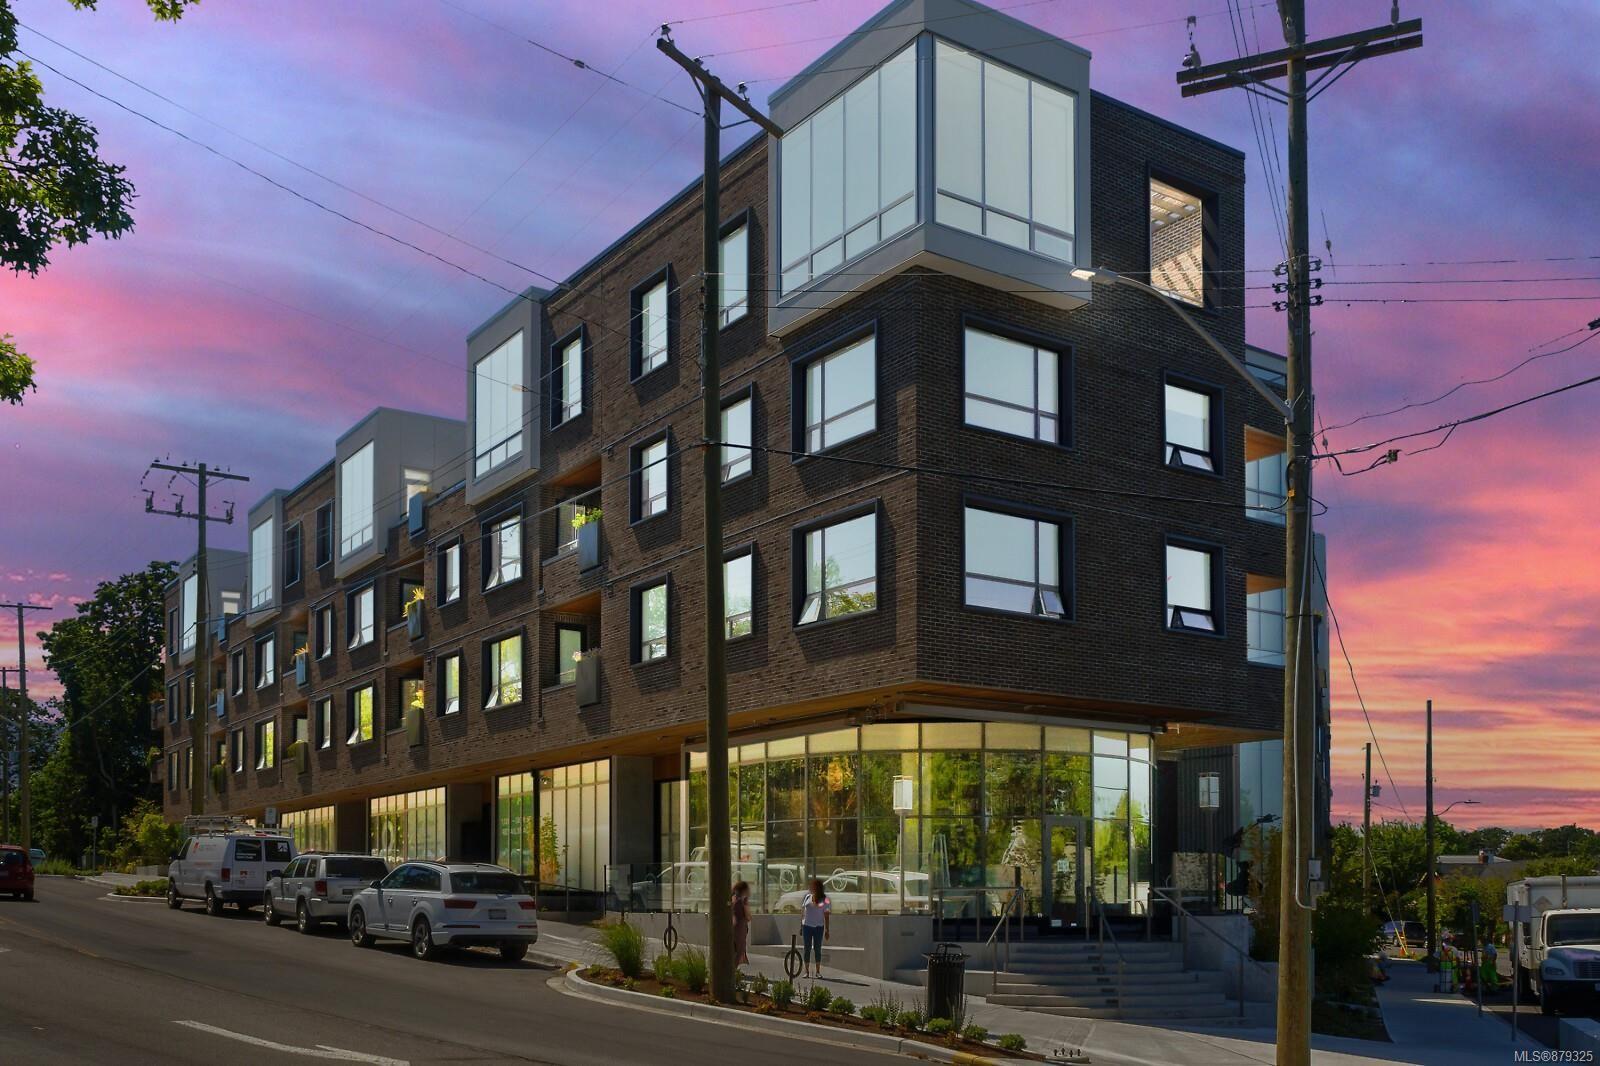 Main Photo: 303 2285 Bowker Ave in : OB Estevan Condo for sale (Oak Bay)  : MLS®# 879325